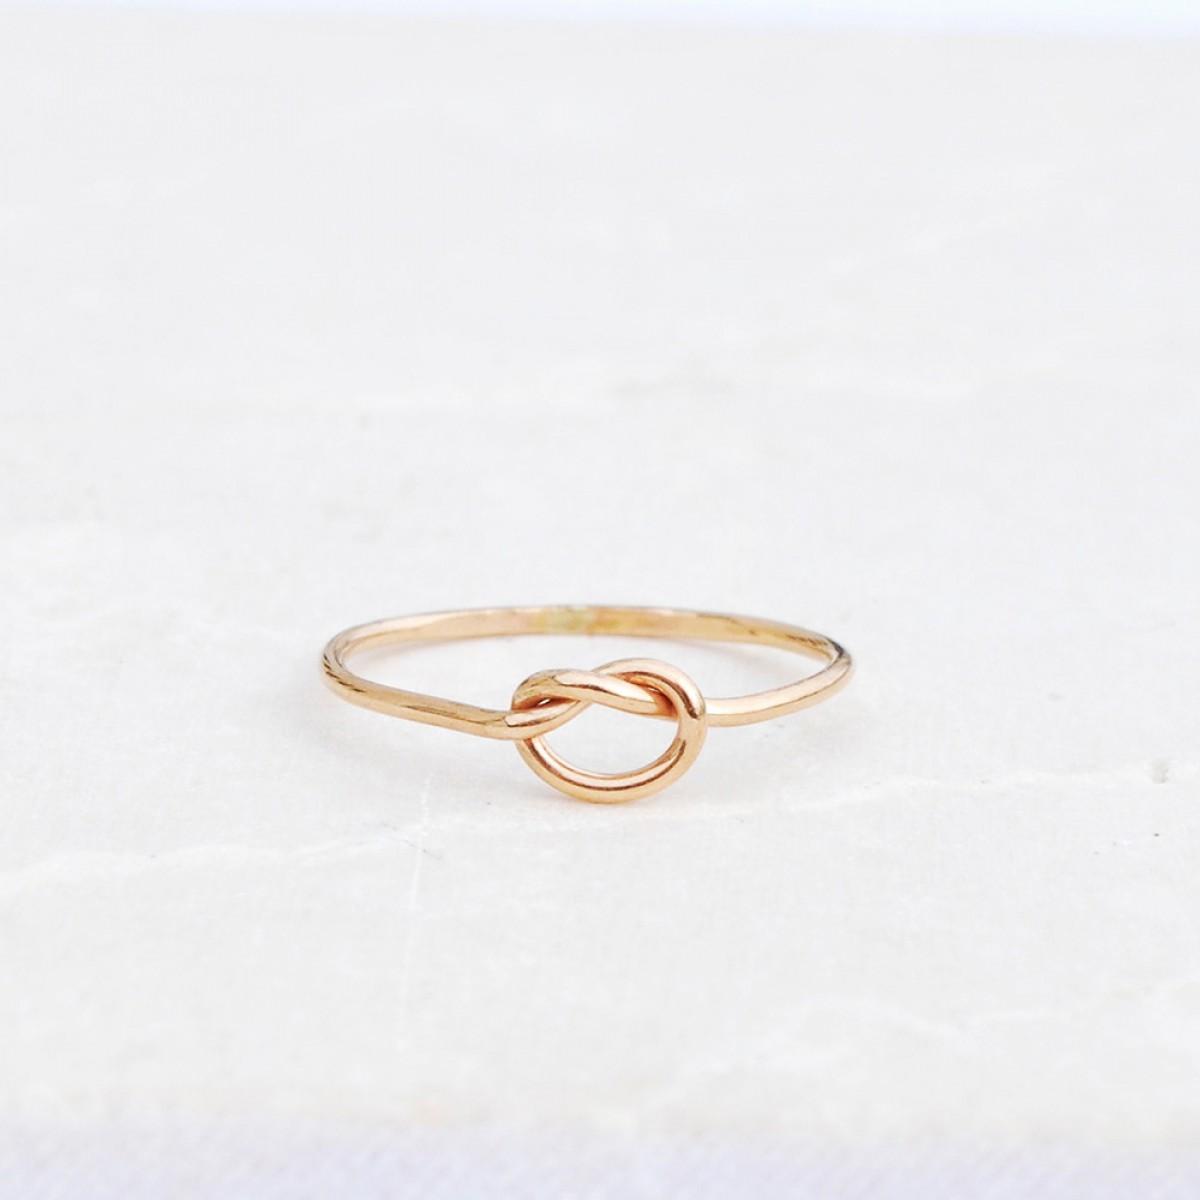 iloveblossom KNOTS OF LOVE RING // fine gold